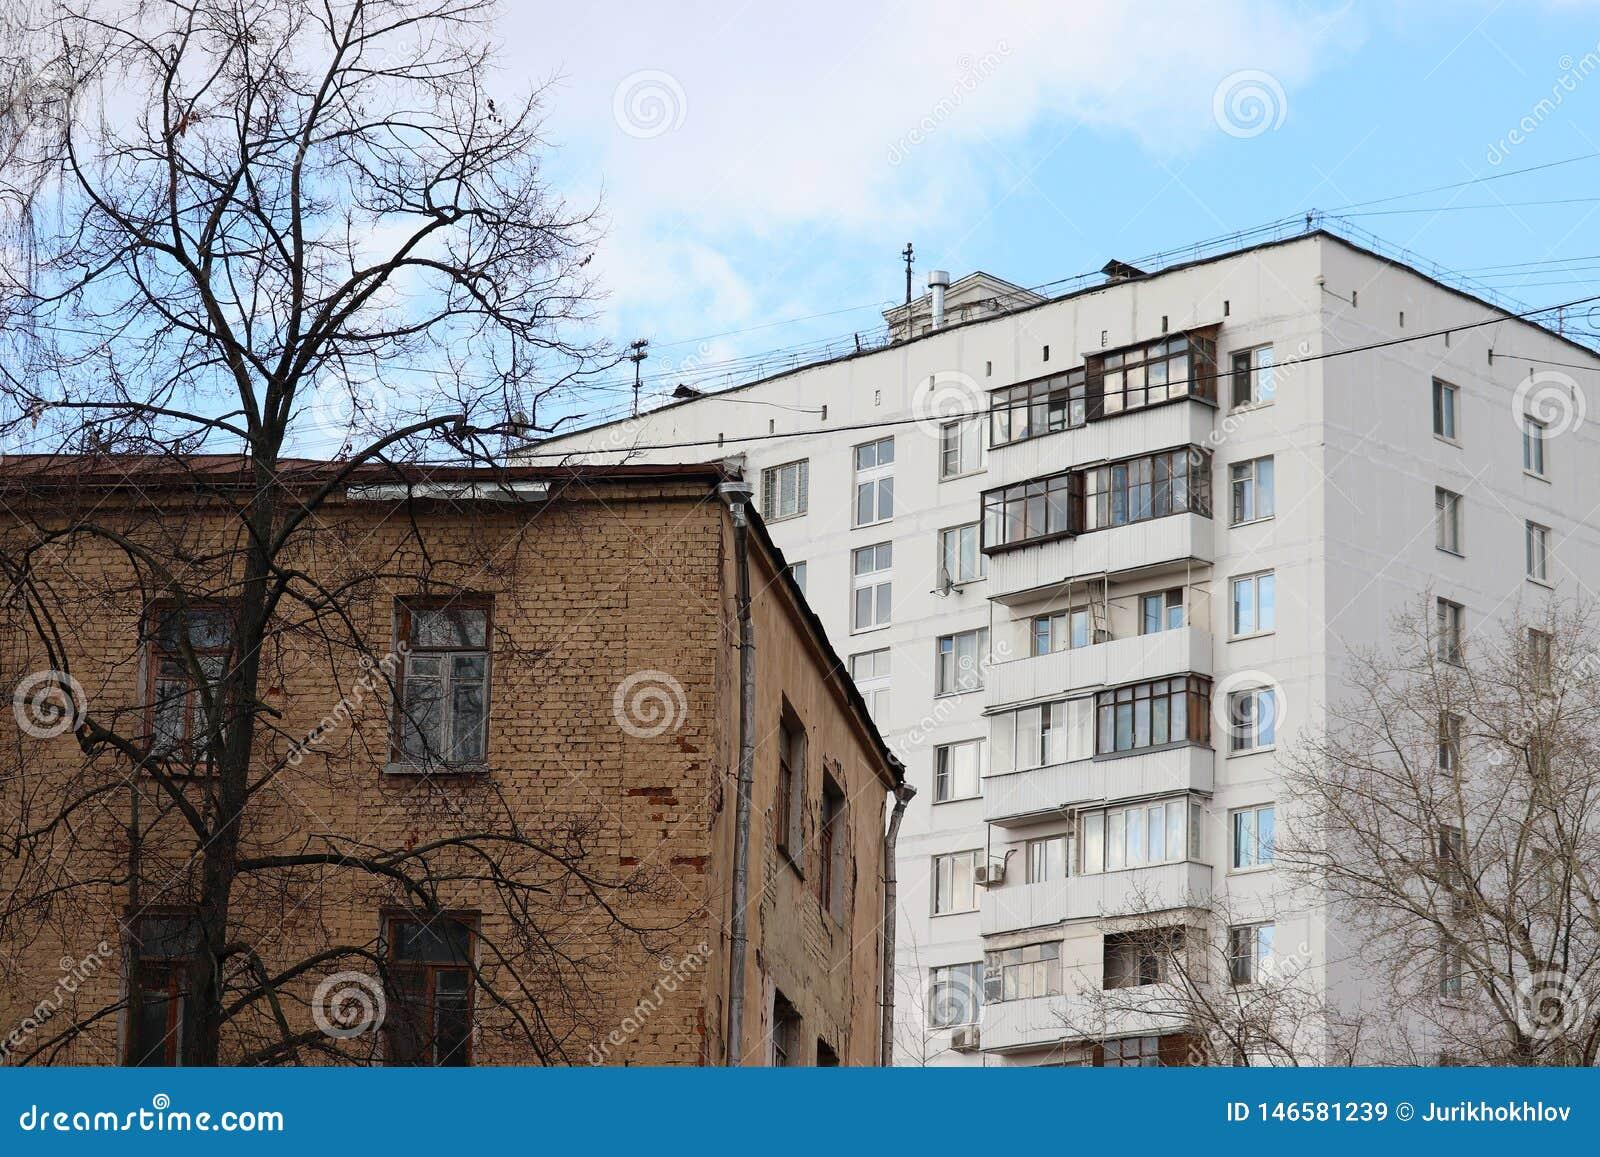 Diferencia en generaciones en el ejemplo de dos edificios